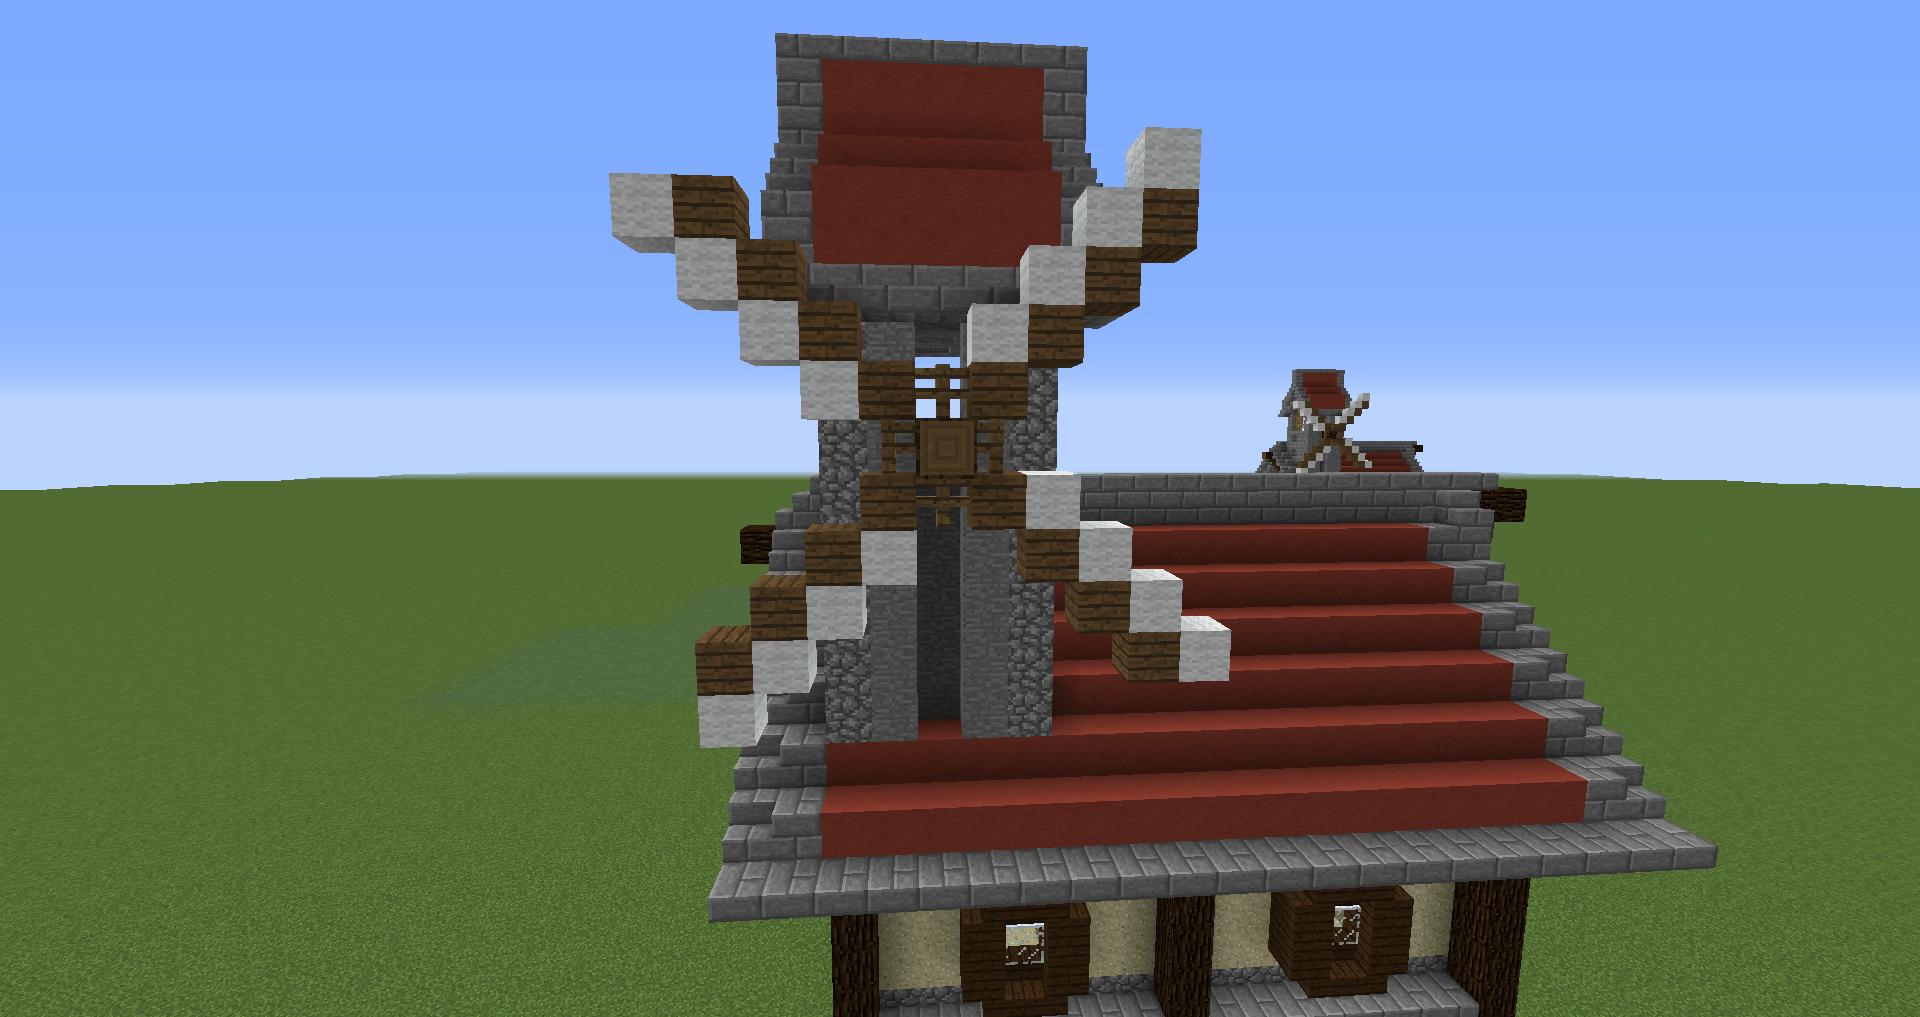 マインクラフト 風車小屋の作り方 簡単建築39